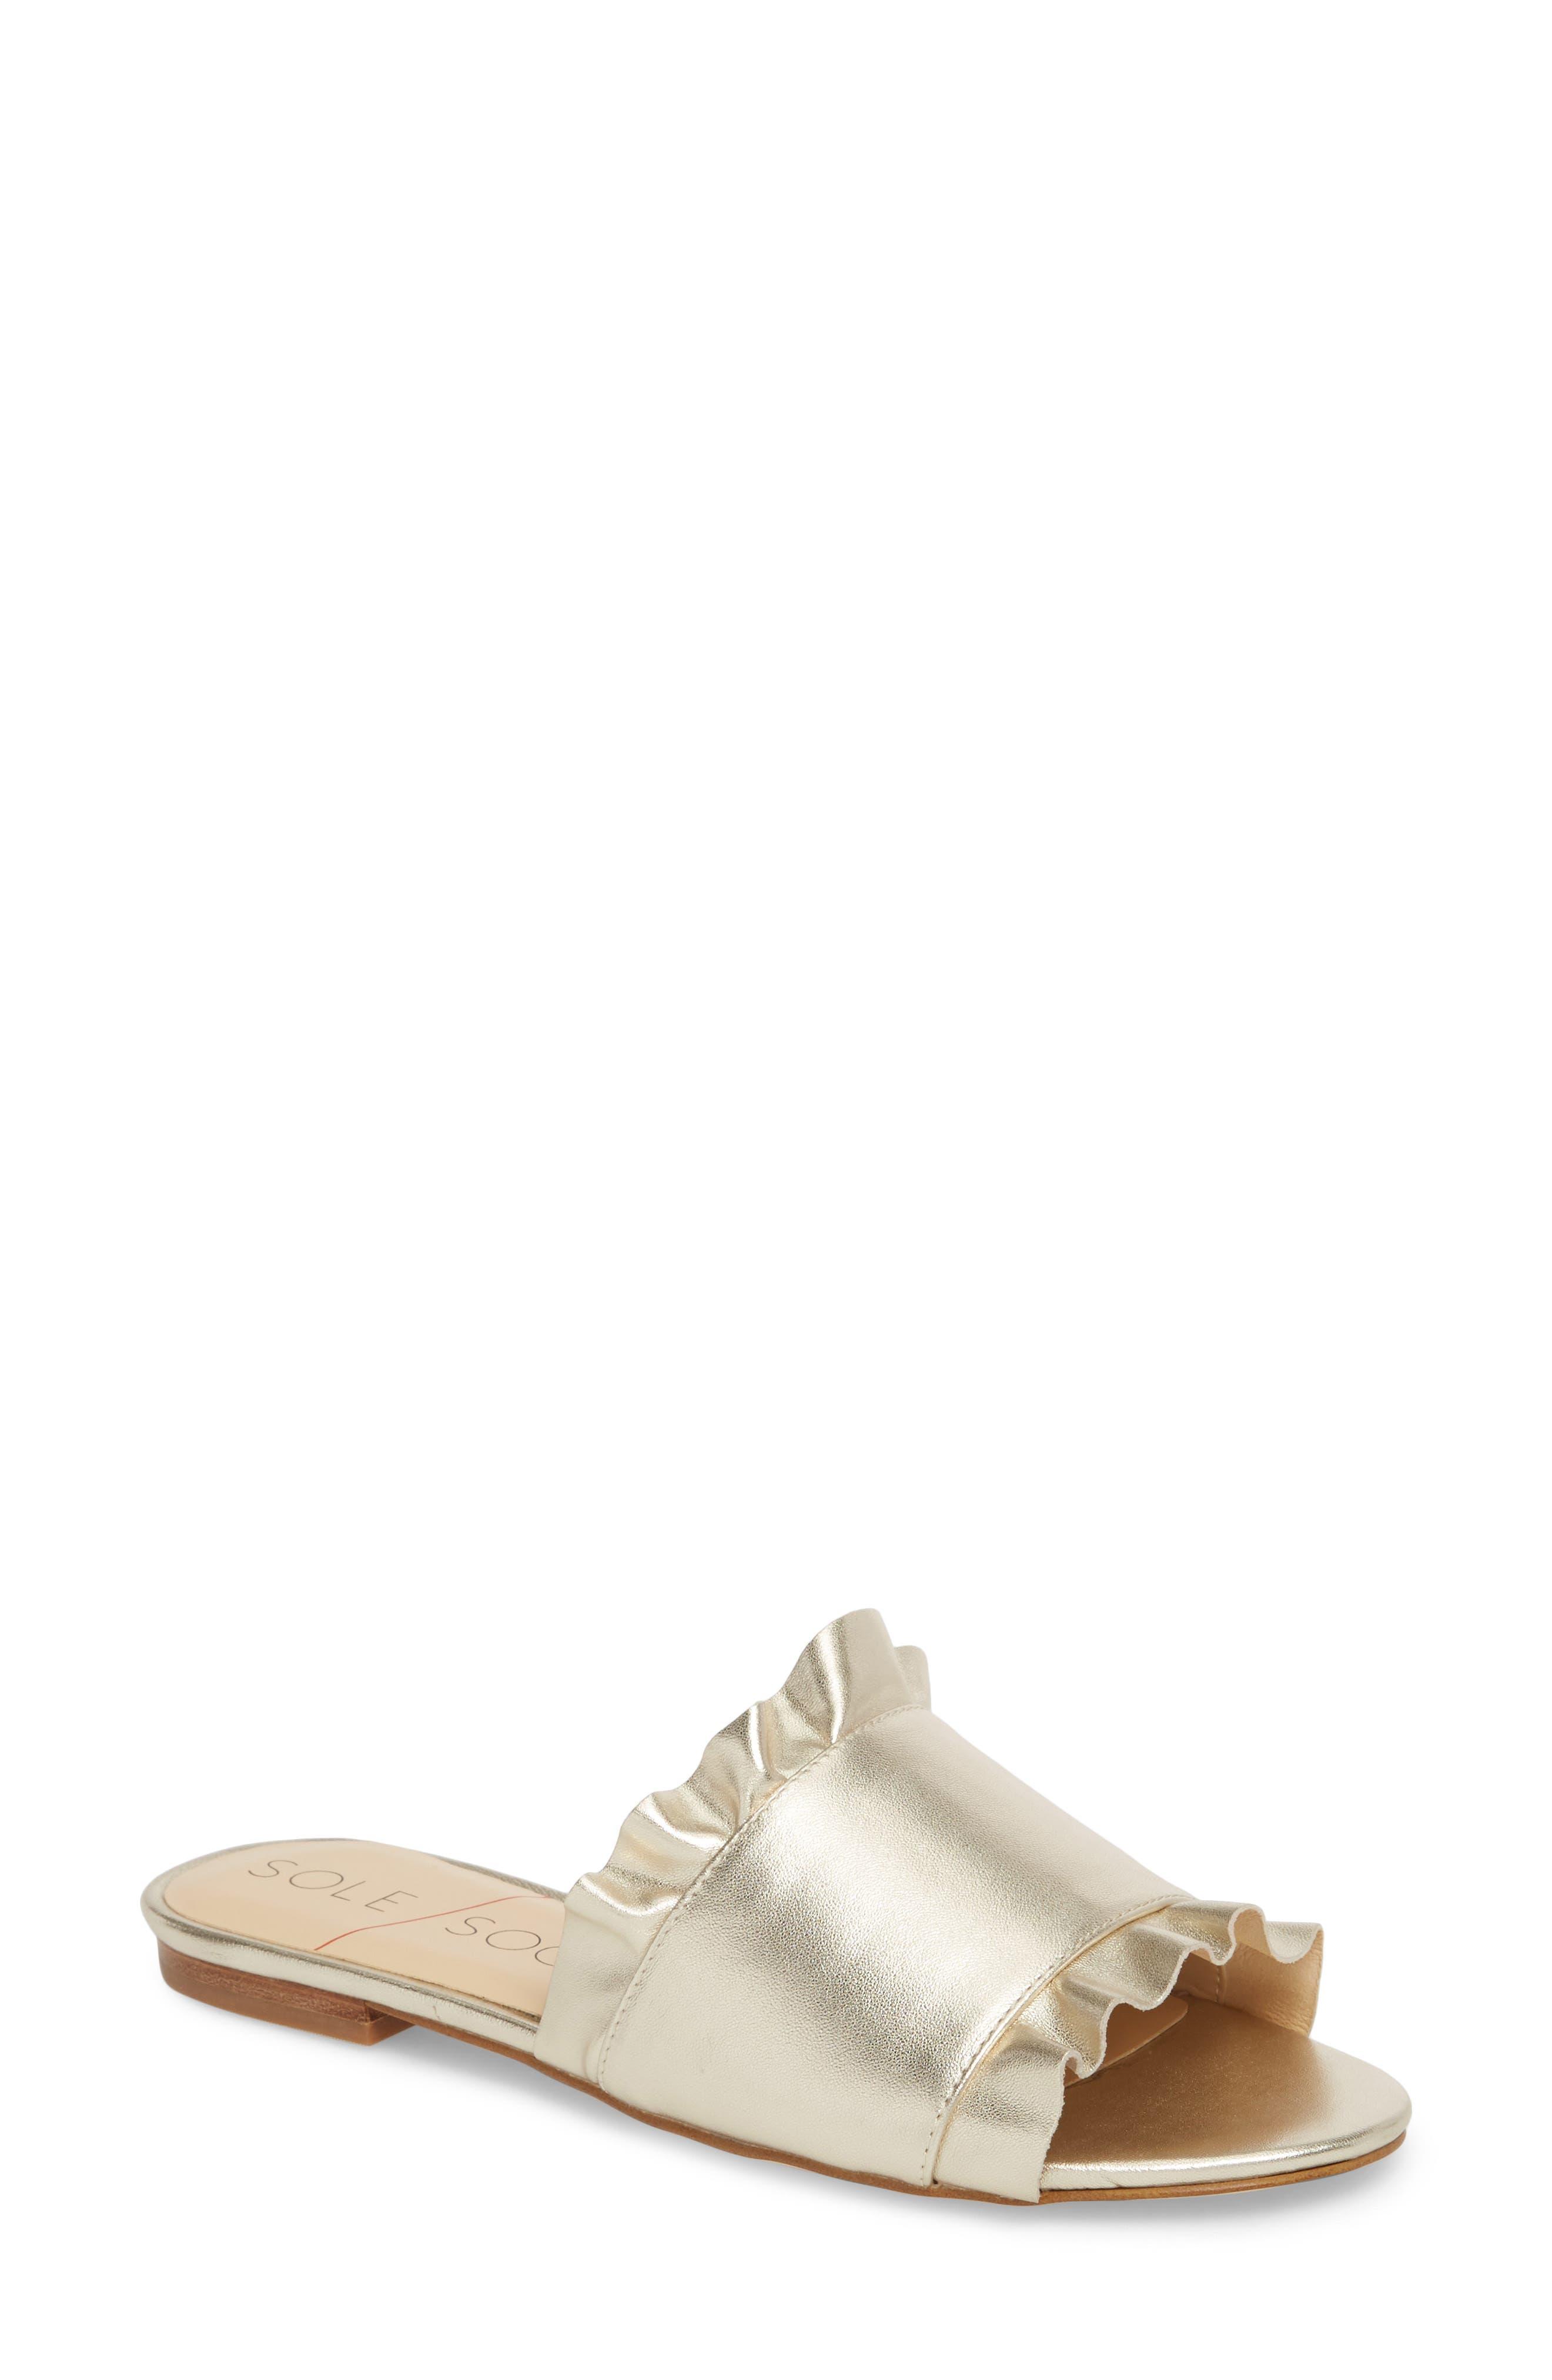 So-Madalayne Flat Sandal,                         Main,                         color, Totes Gold